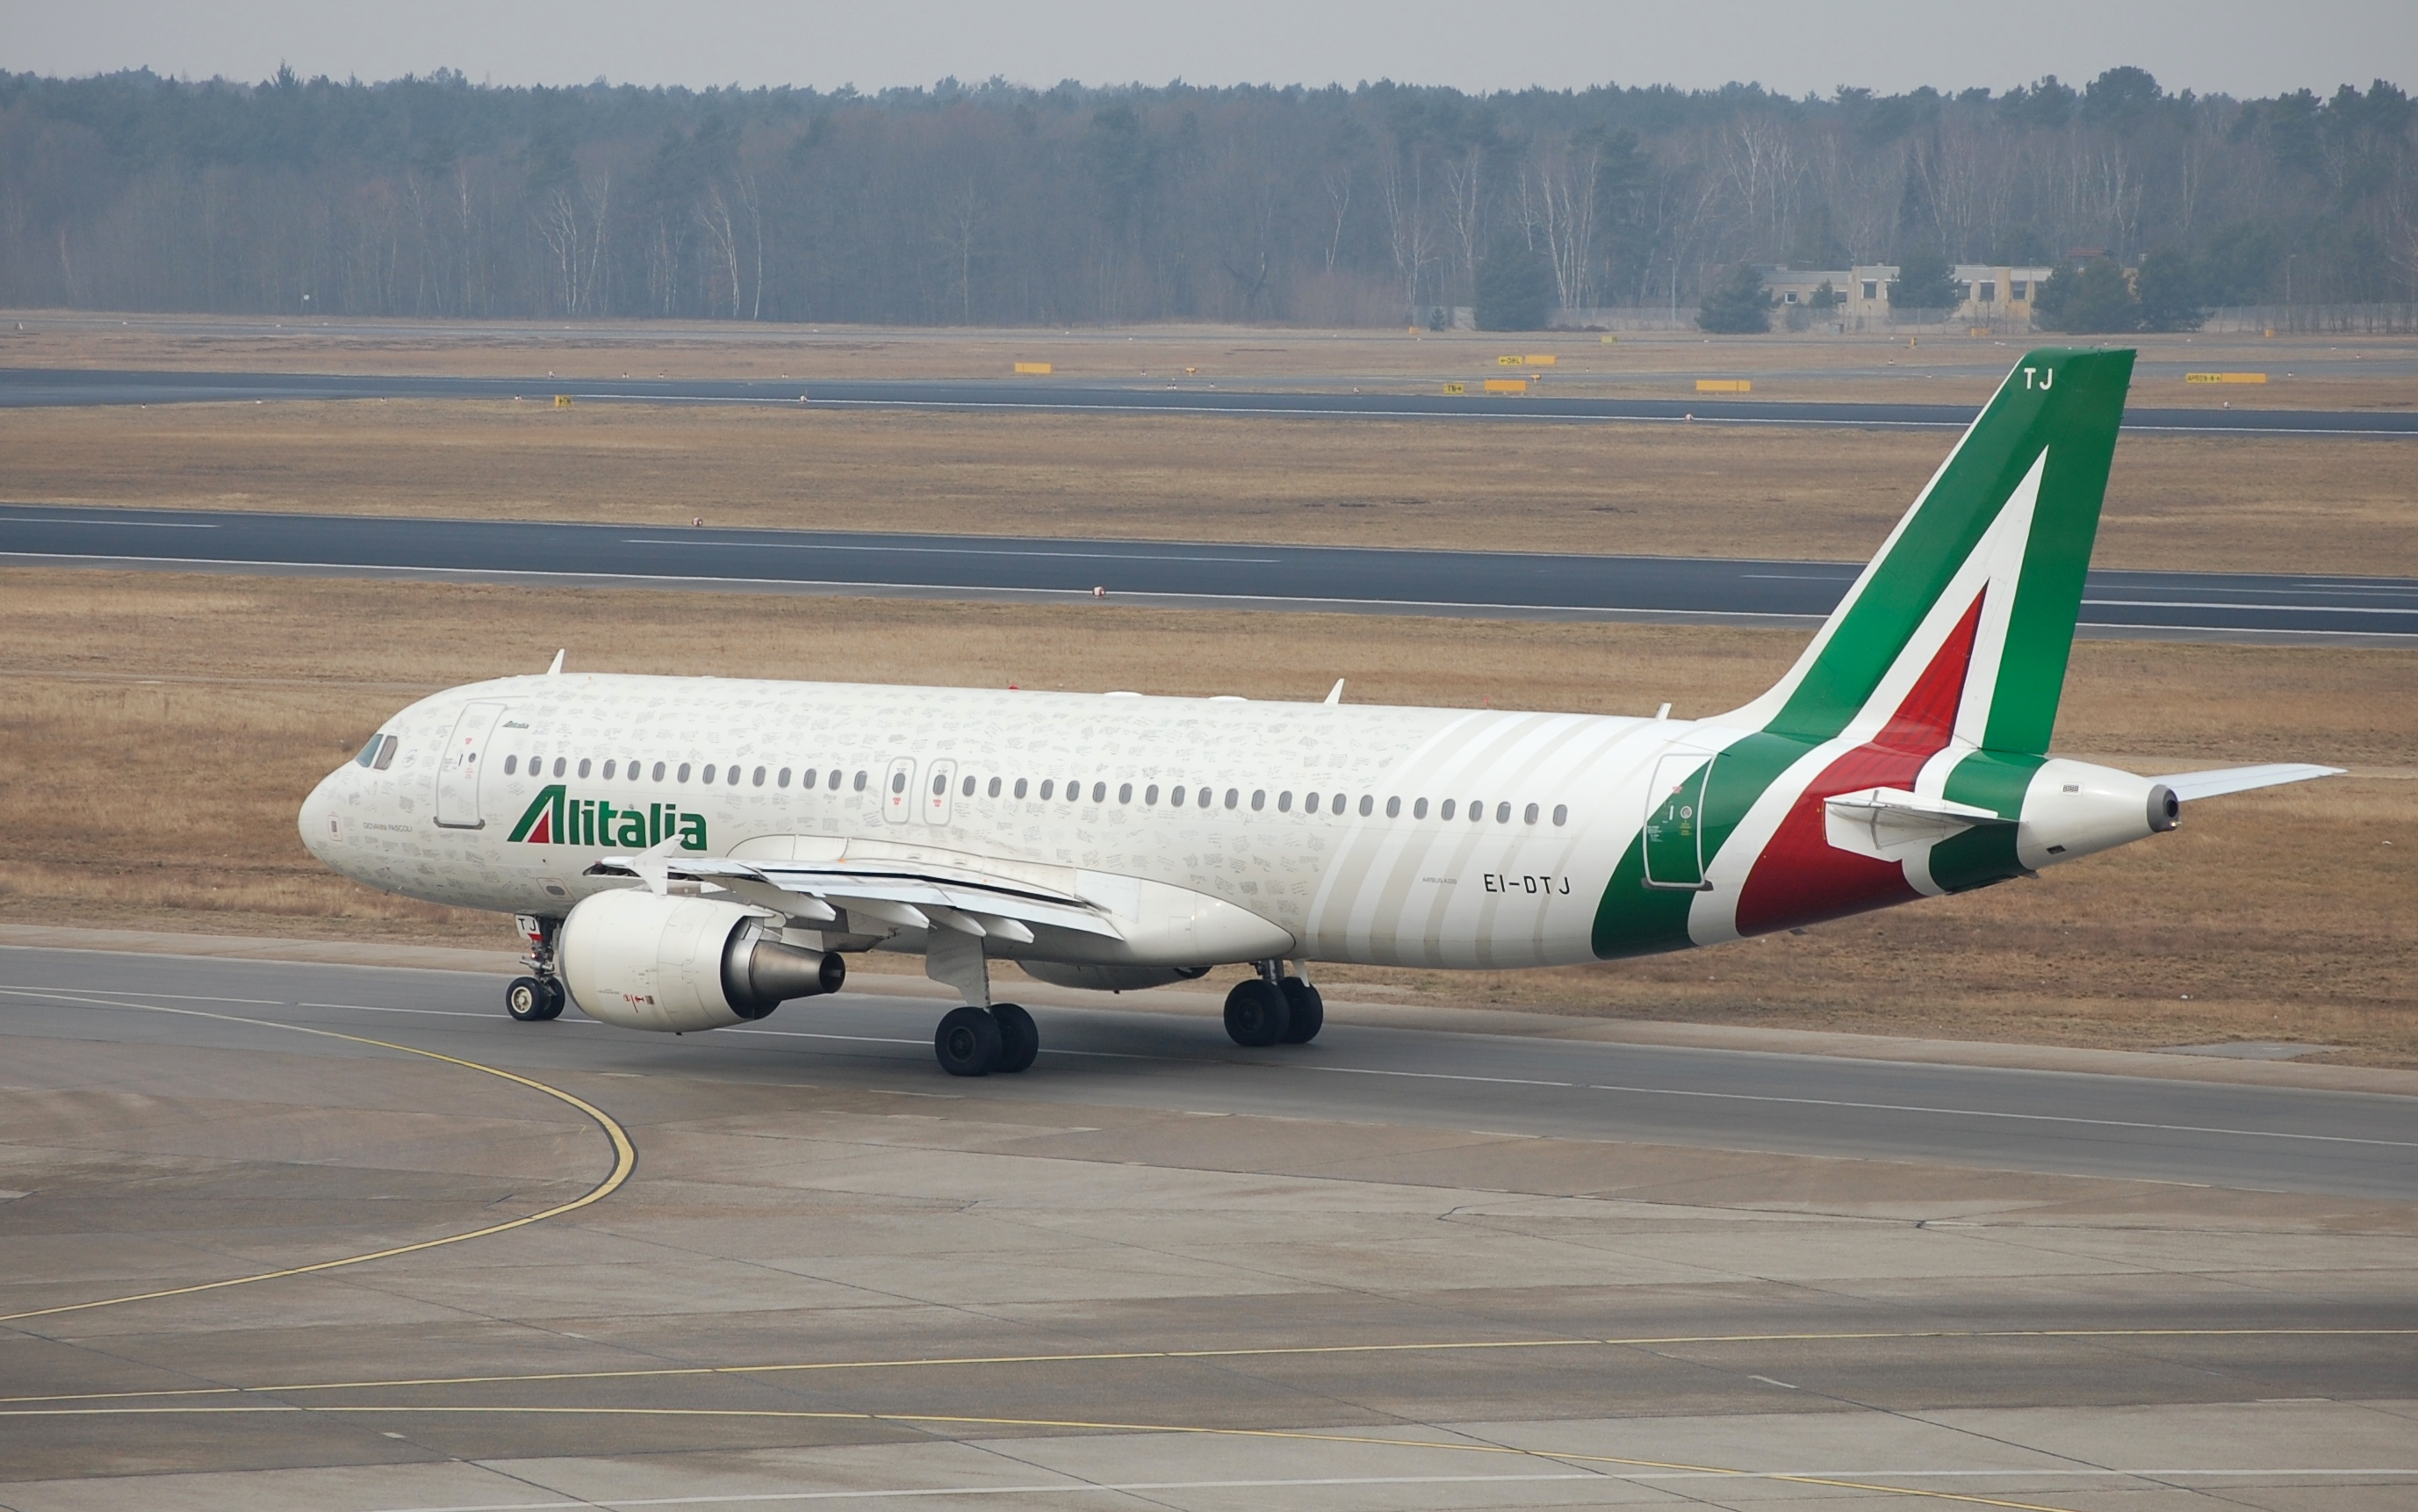 Alitalia Flüge mit 20% Rabatt buchen und sparen!